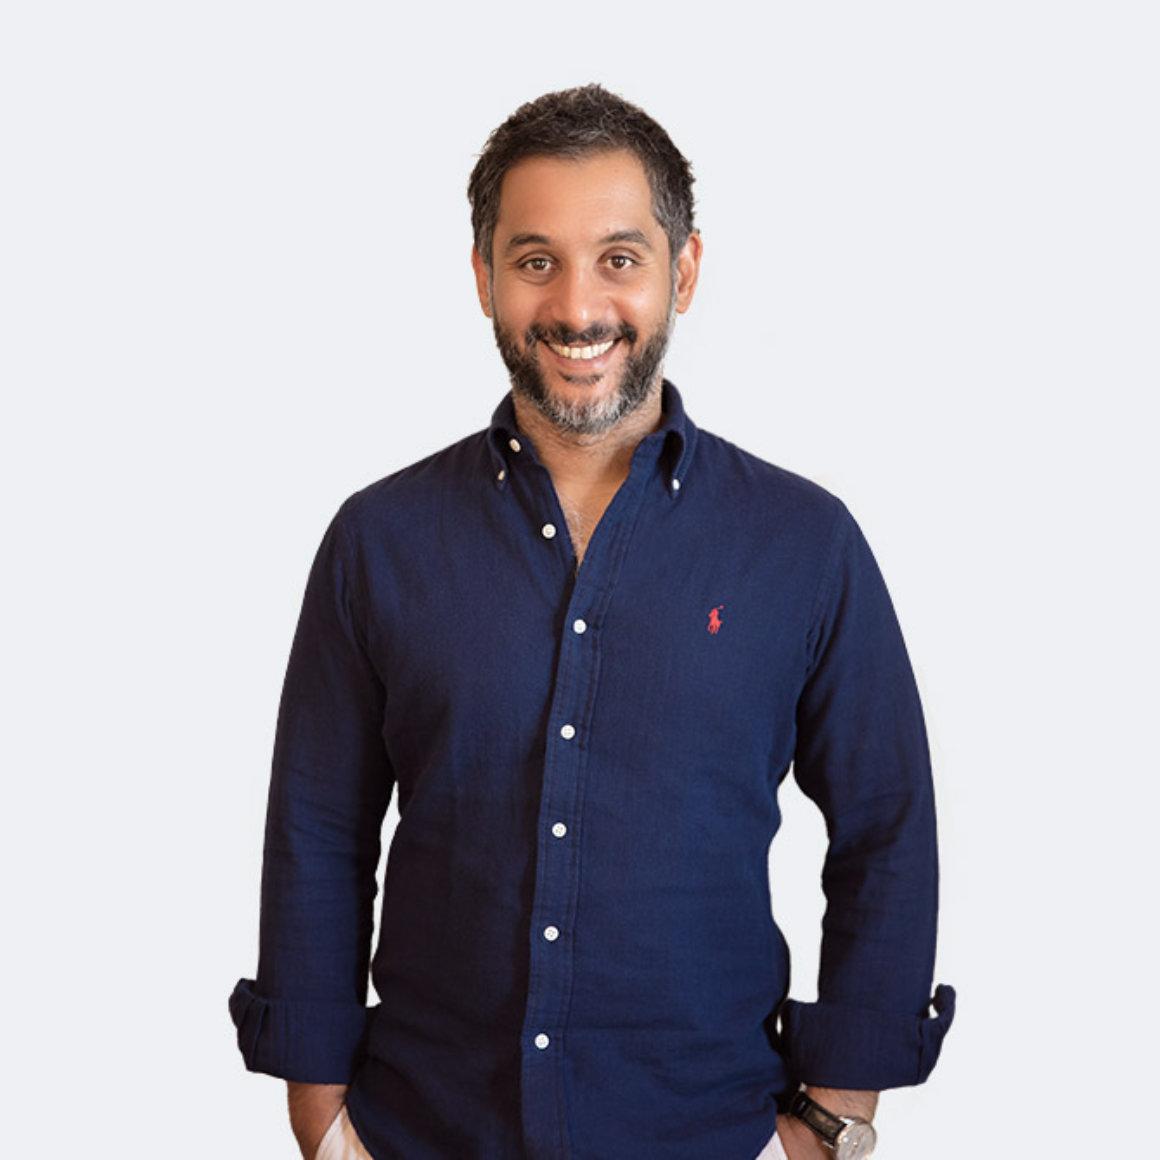 Ahmed Elsherif